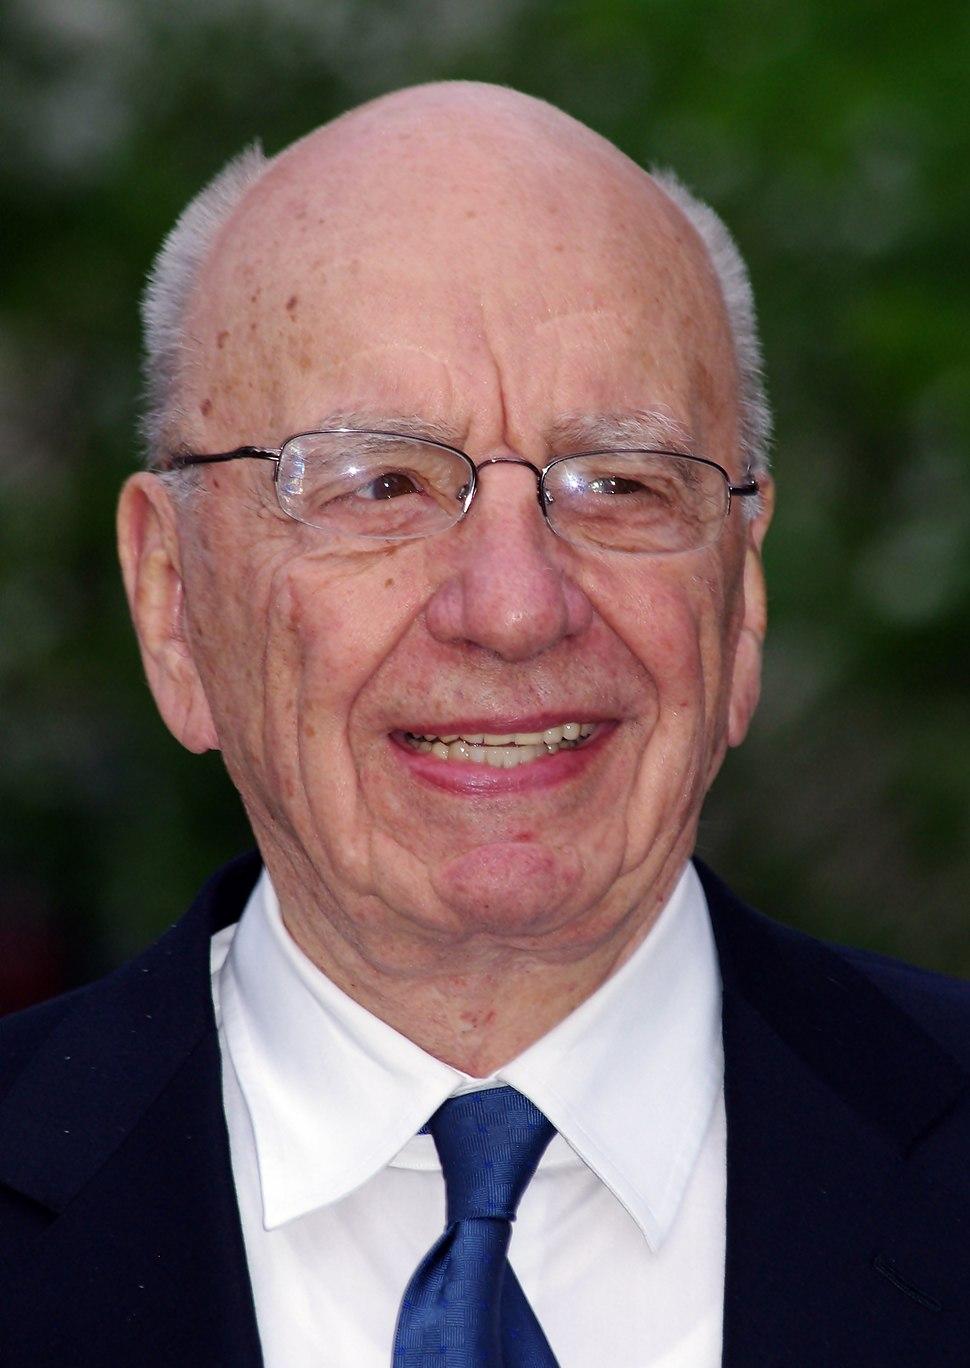 Rupert Murdoch 2011 Shankbone 3